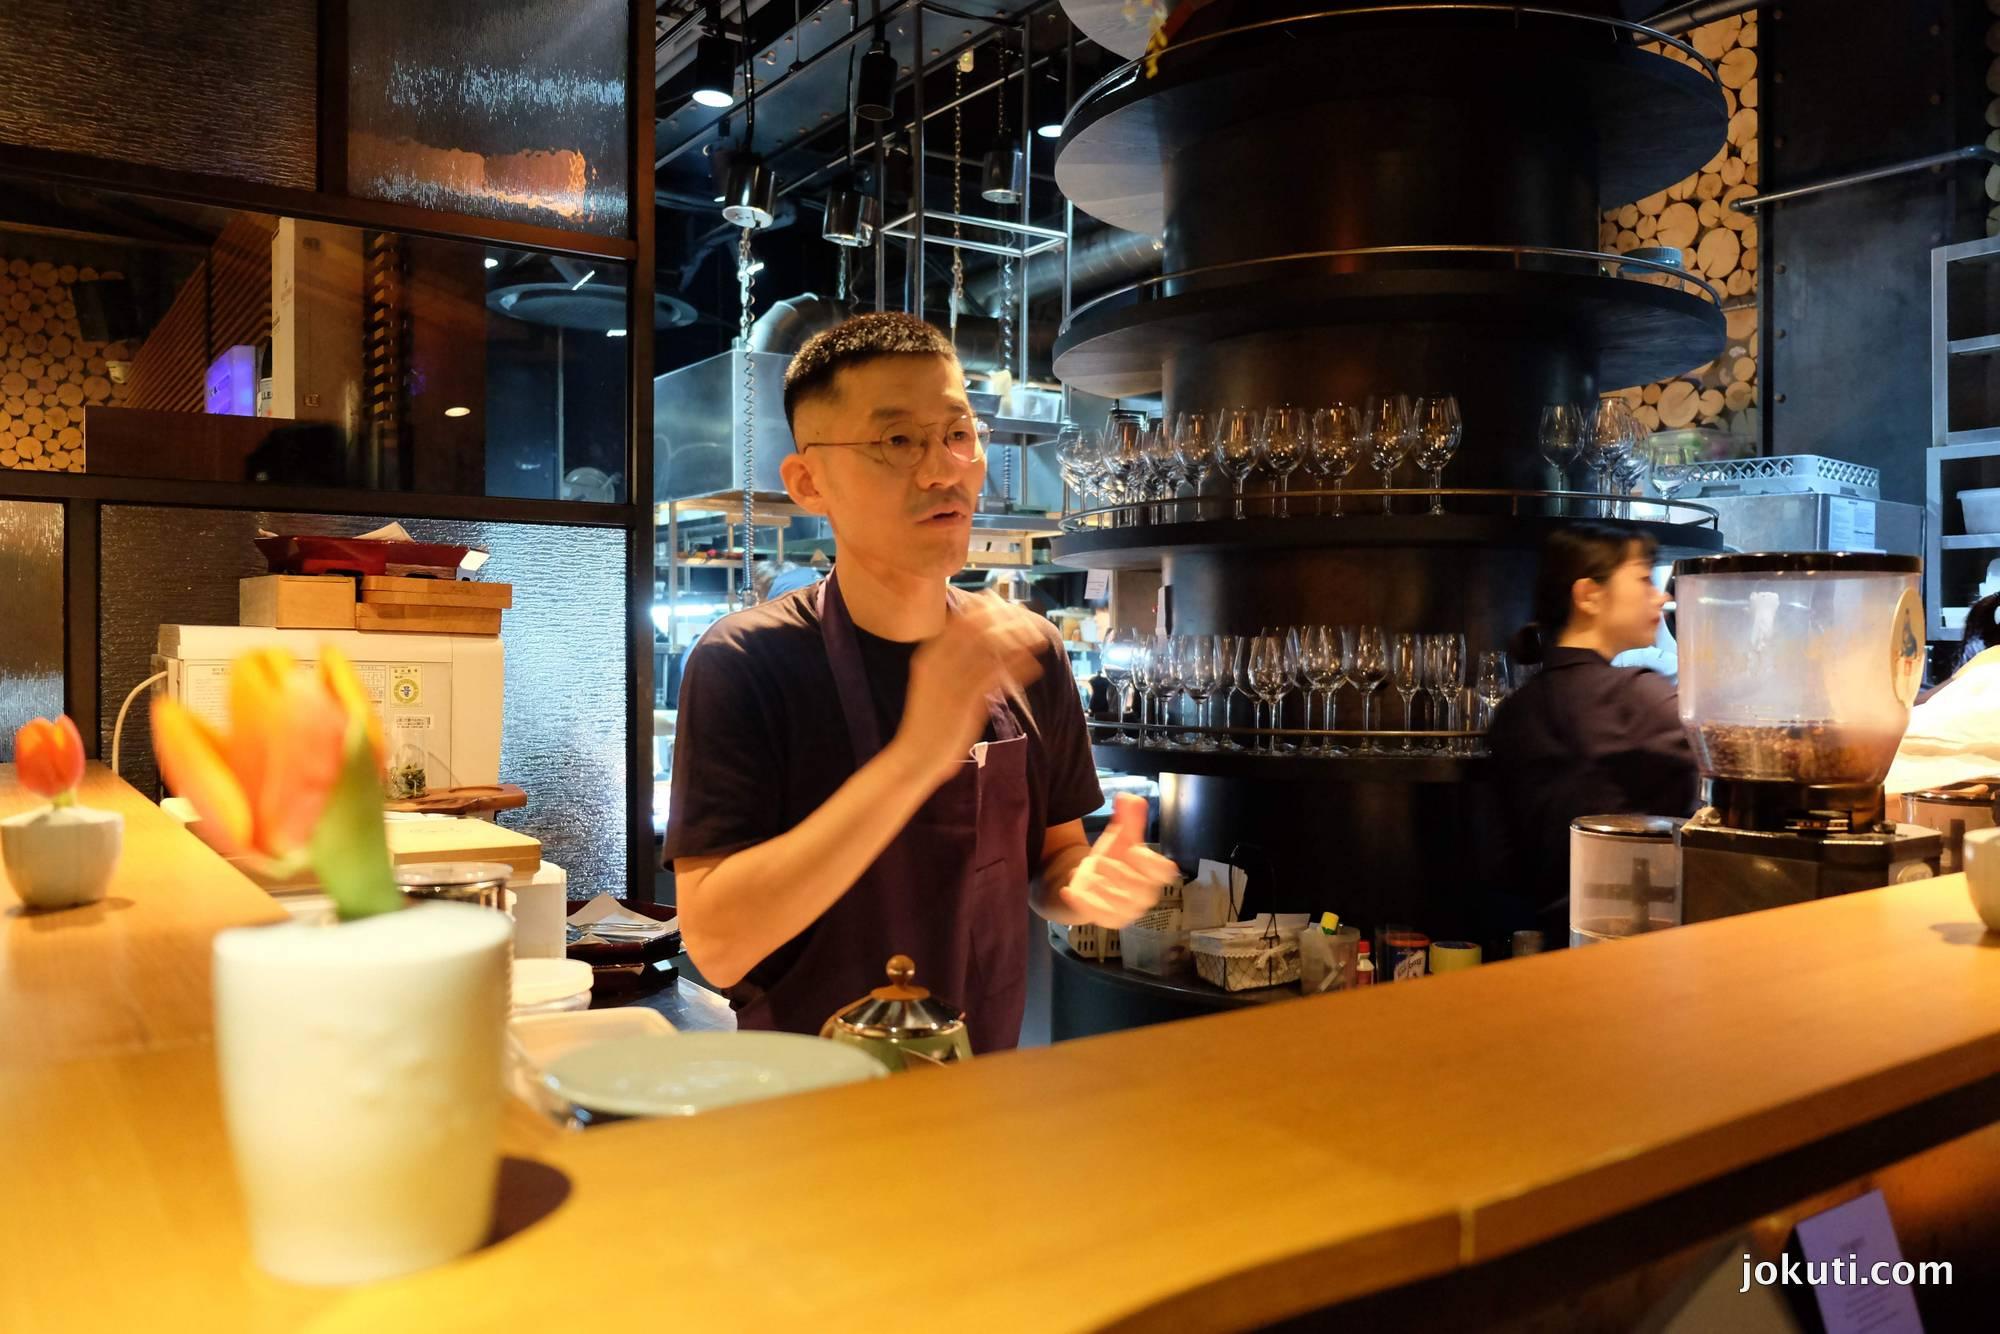 dscf1805_mingles_seoul_korea_michelin_restaurant_vilagevo_jokuti.jpg